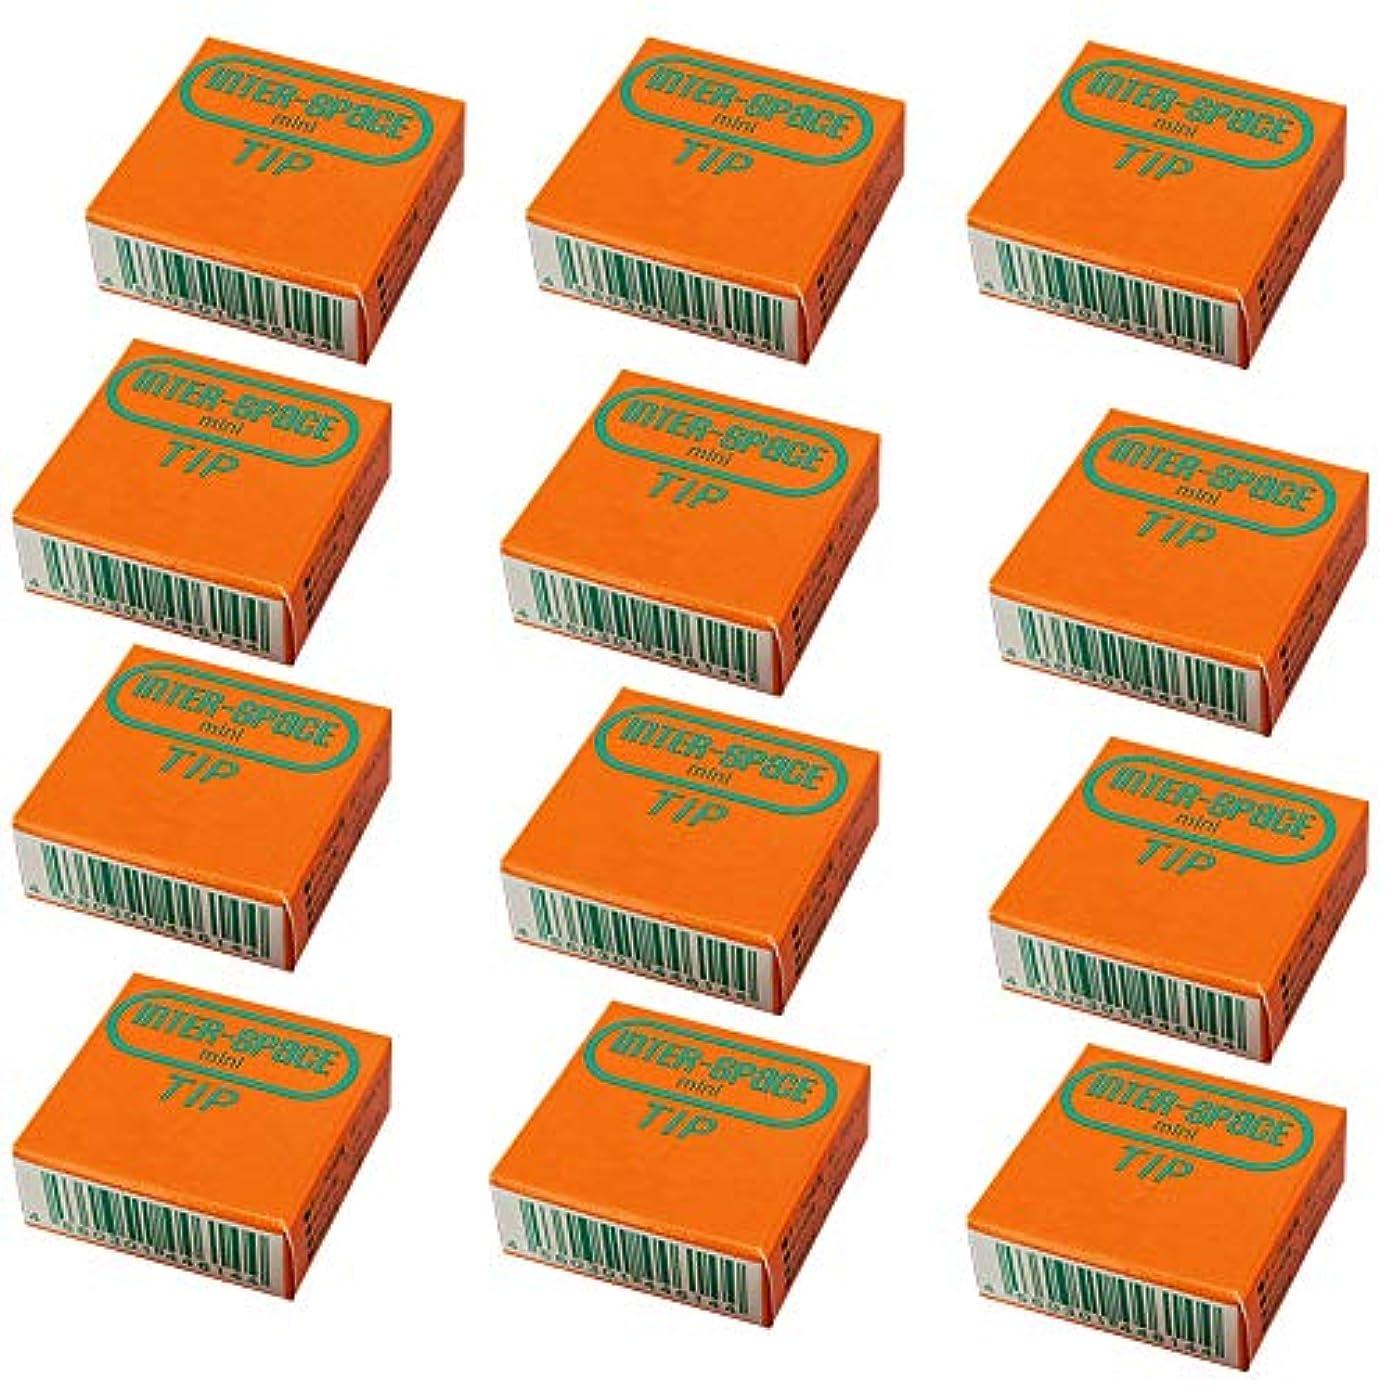 思い出させるミリメーターギャングスターインタースペース ? ミニ 専用 替え ブラシ 2個入 × 12箱 ミディアム M